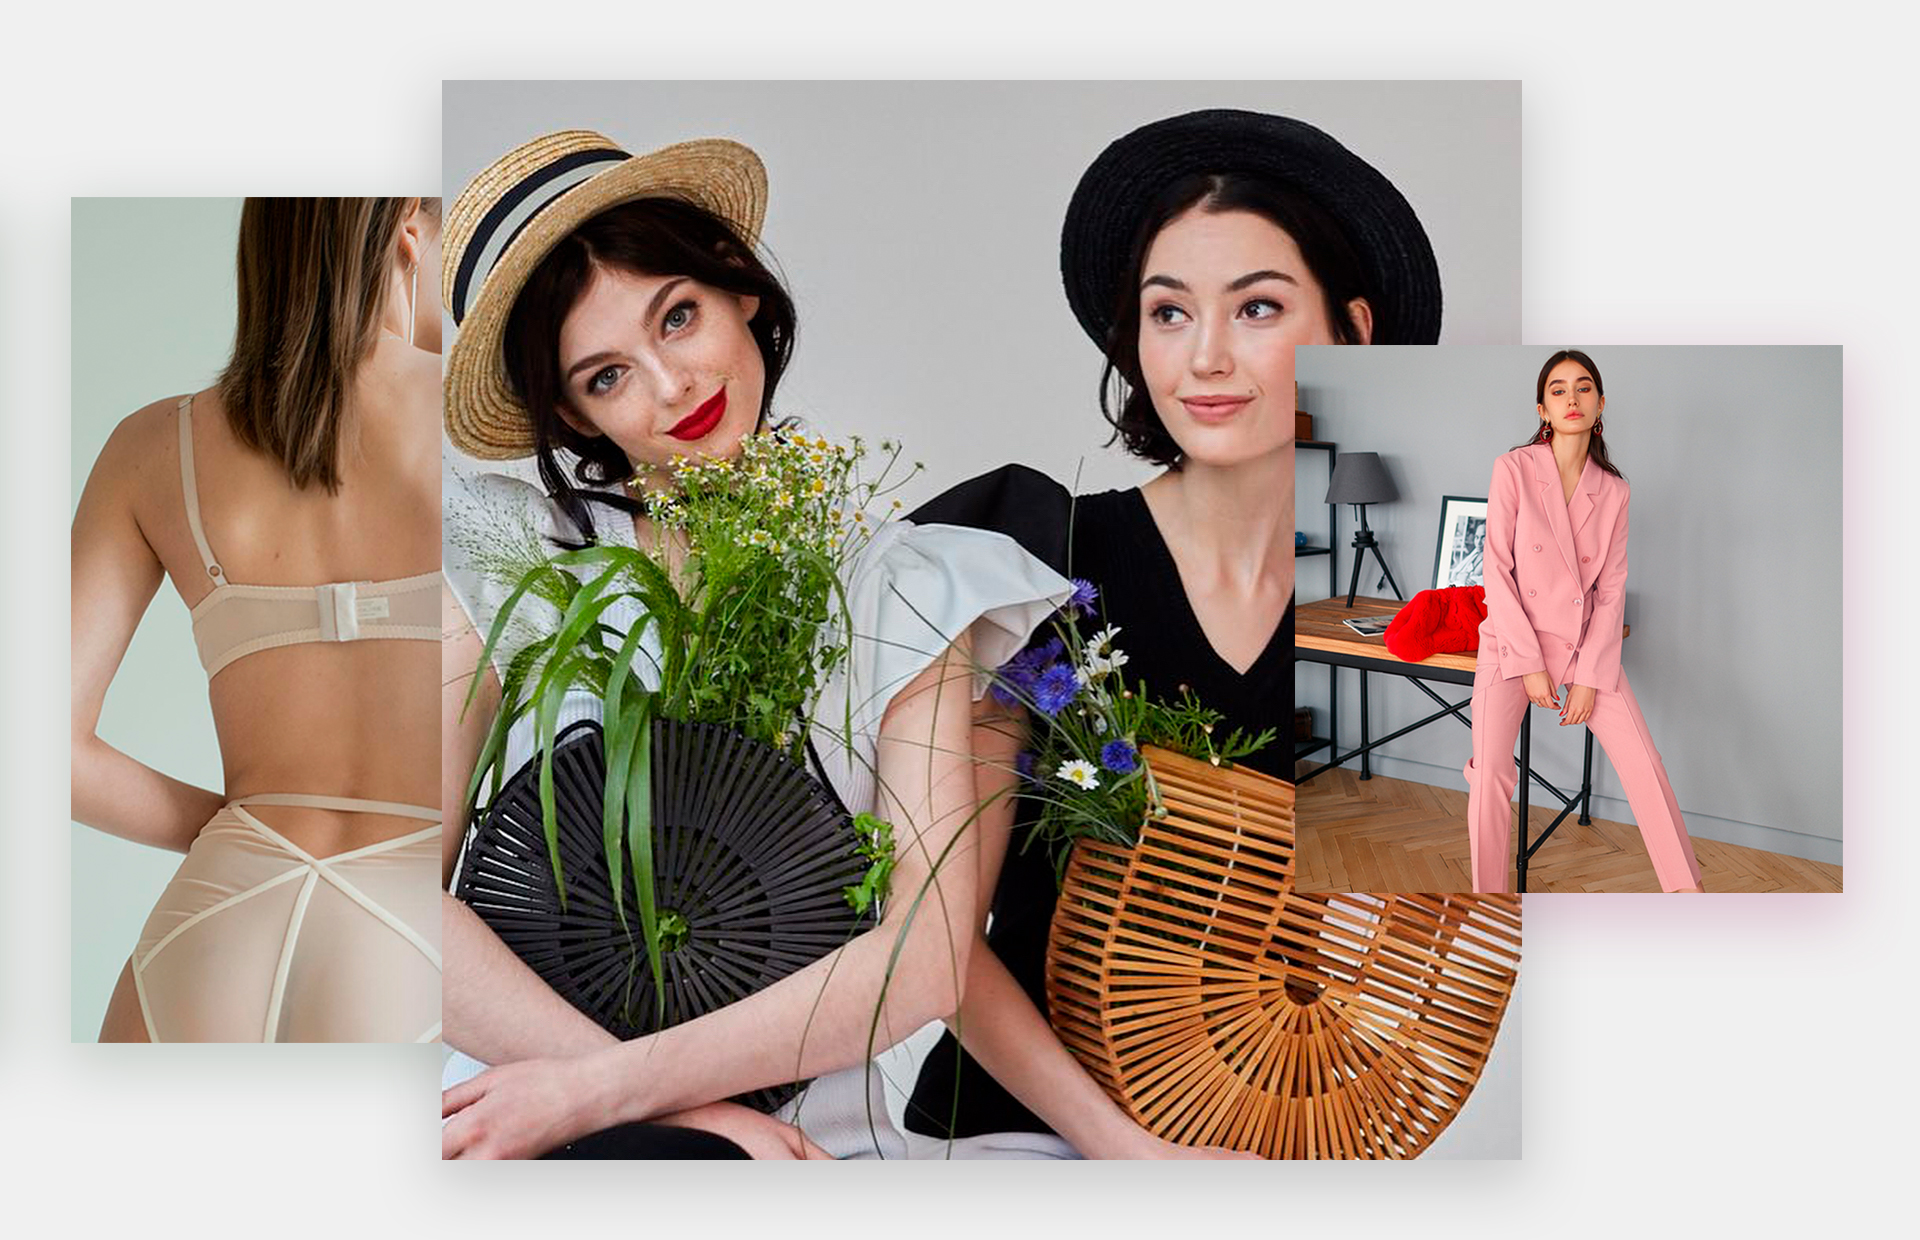 934ffe6f10c Полный гид по Instagram-шопингу  50 магазинов с лучшими предложениями     Мода    РБК Pink